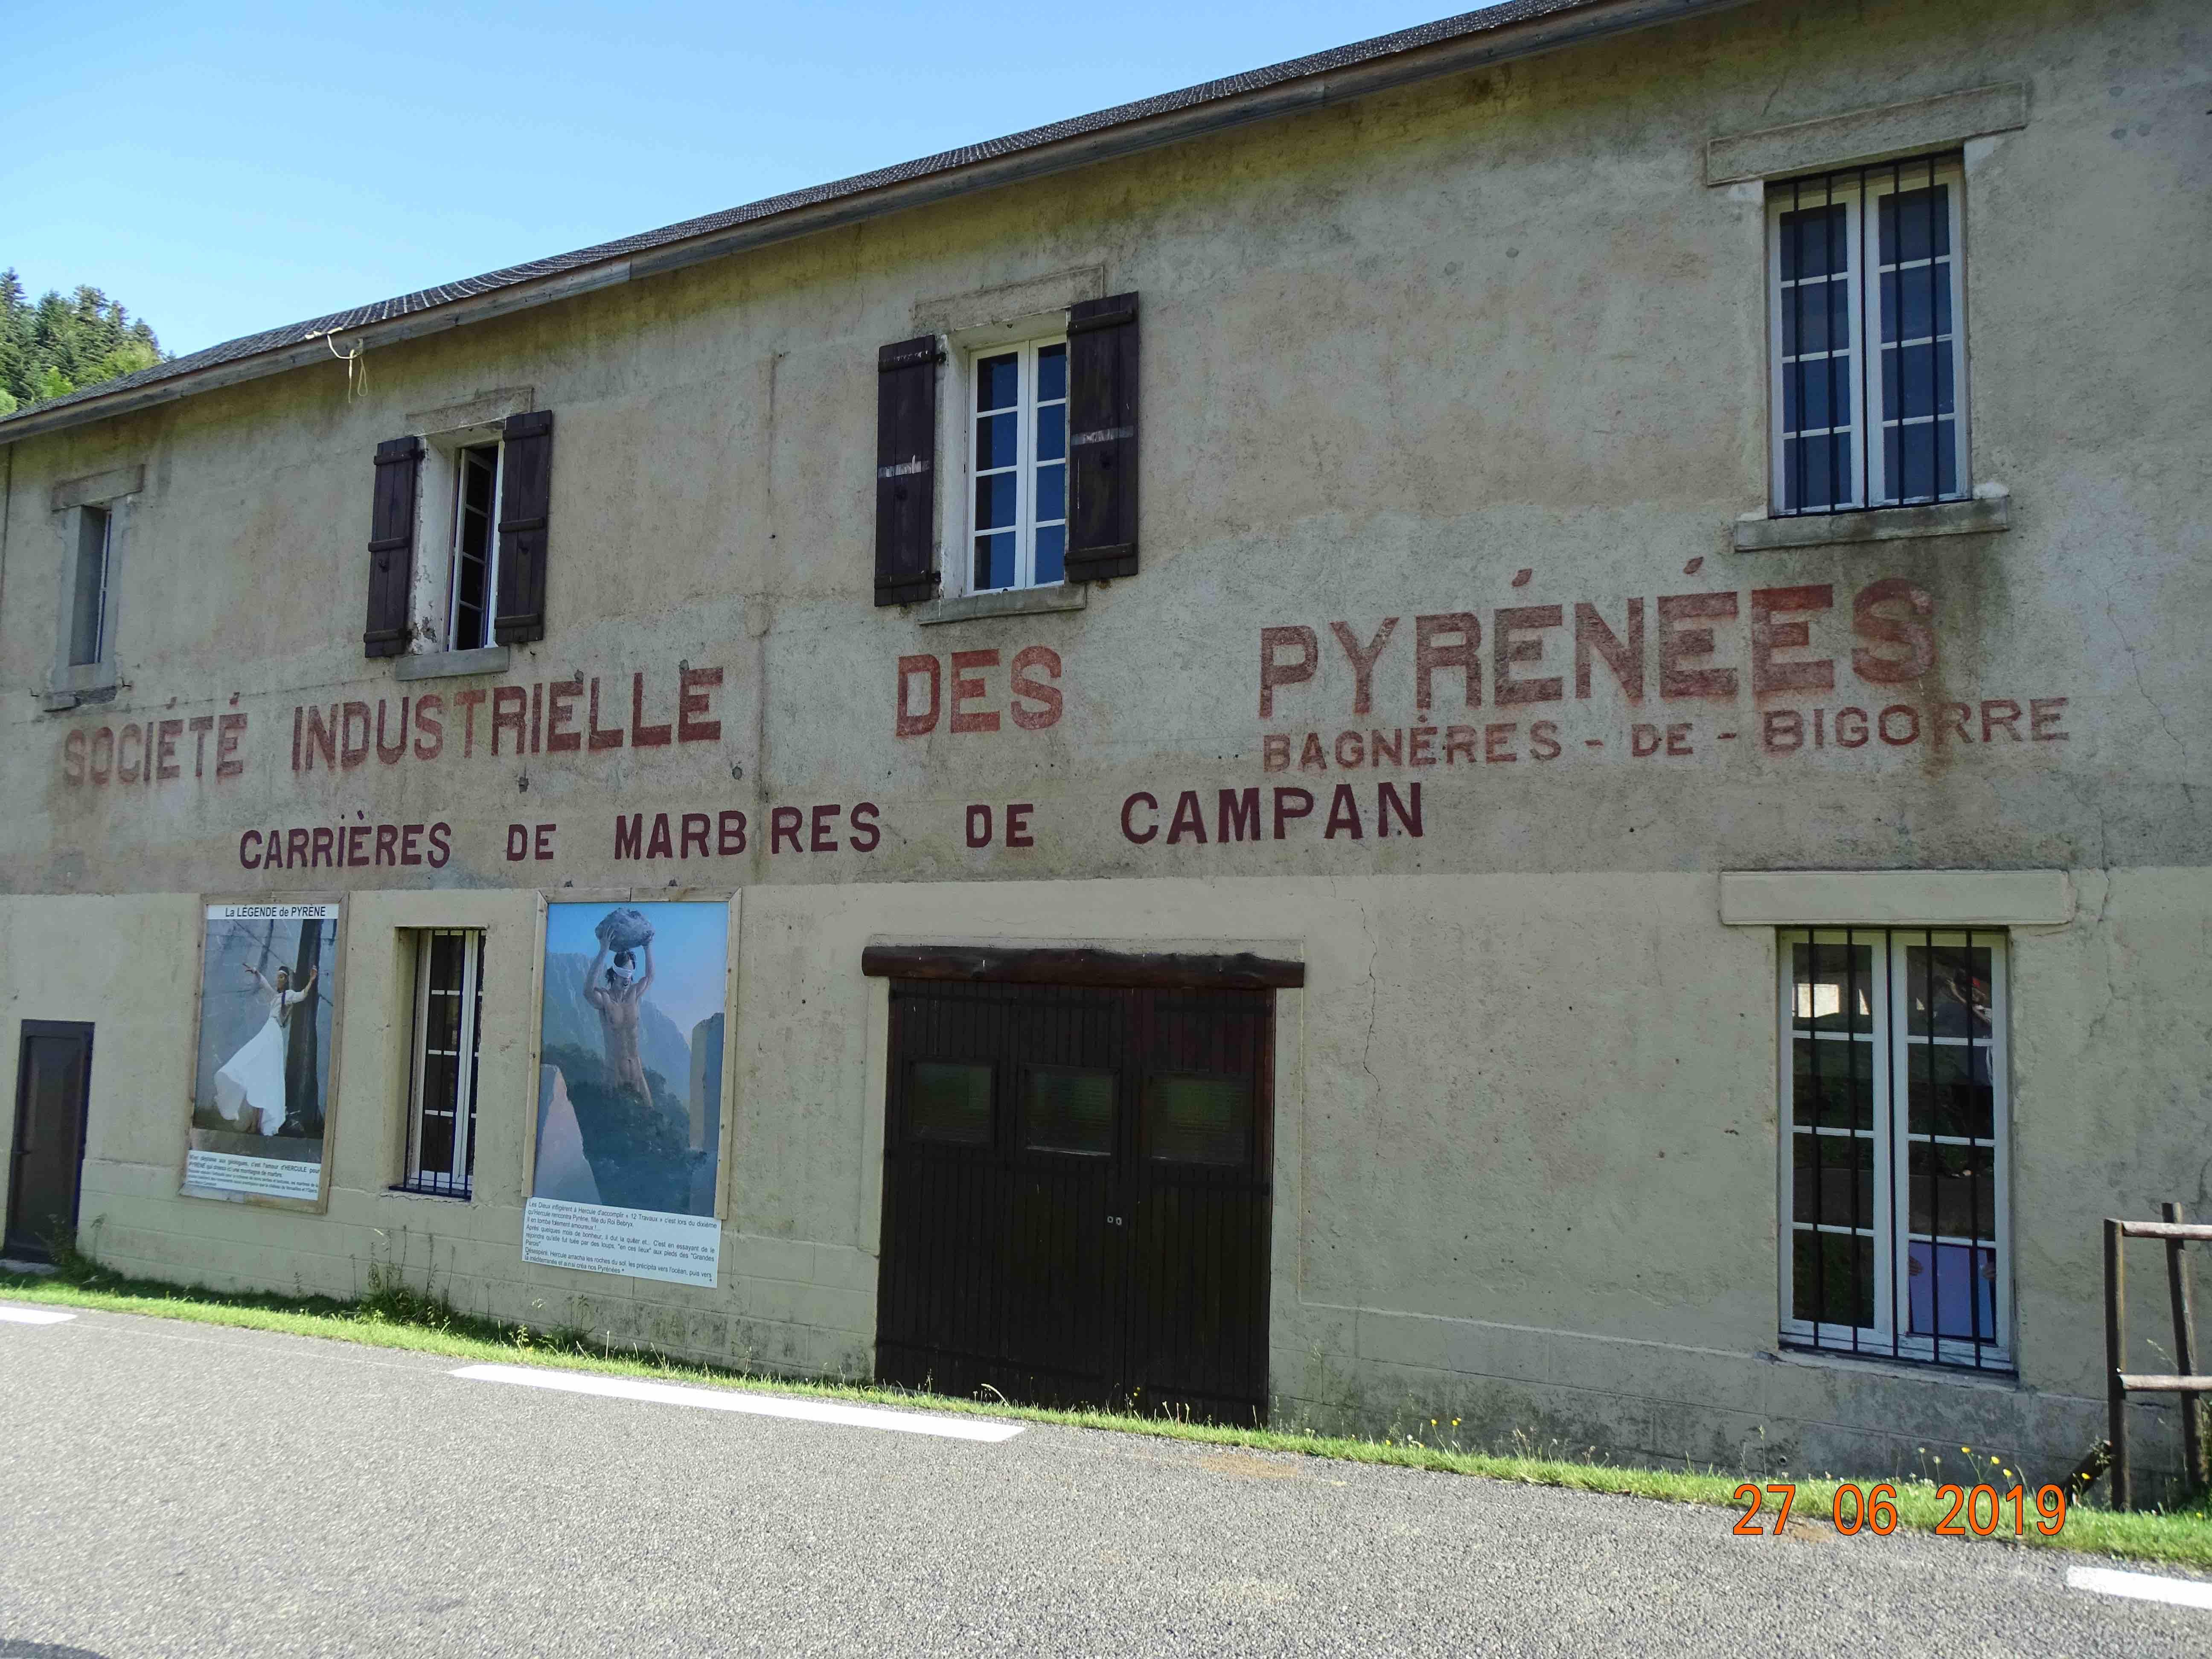 Pyrénées23